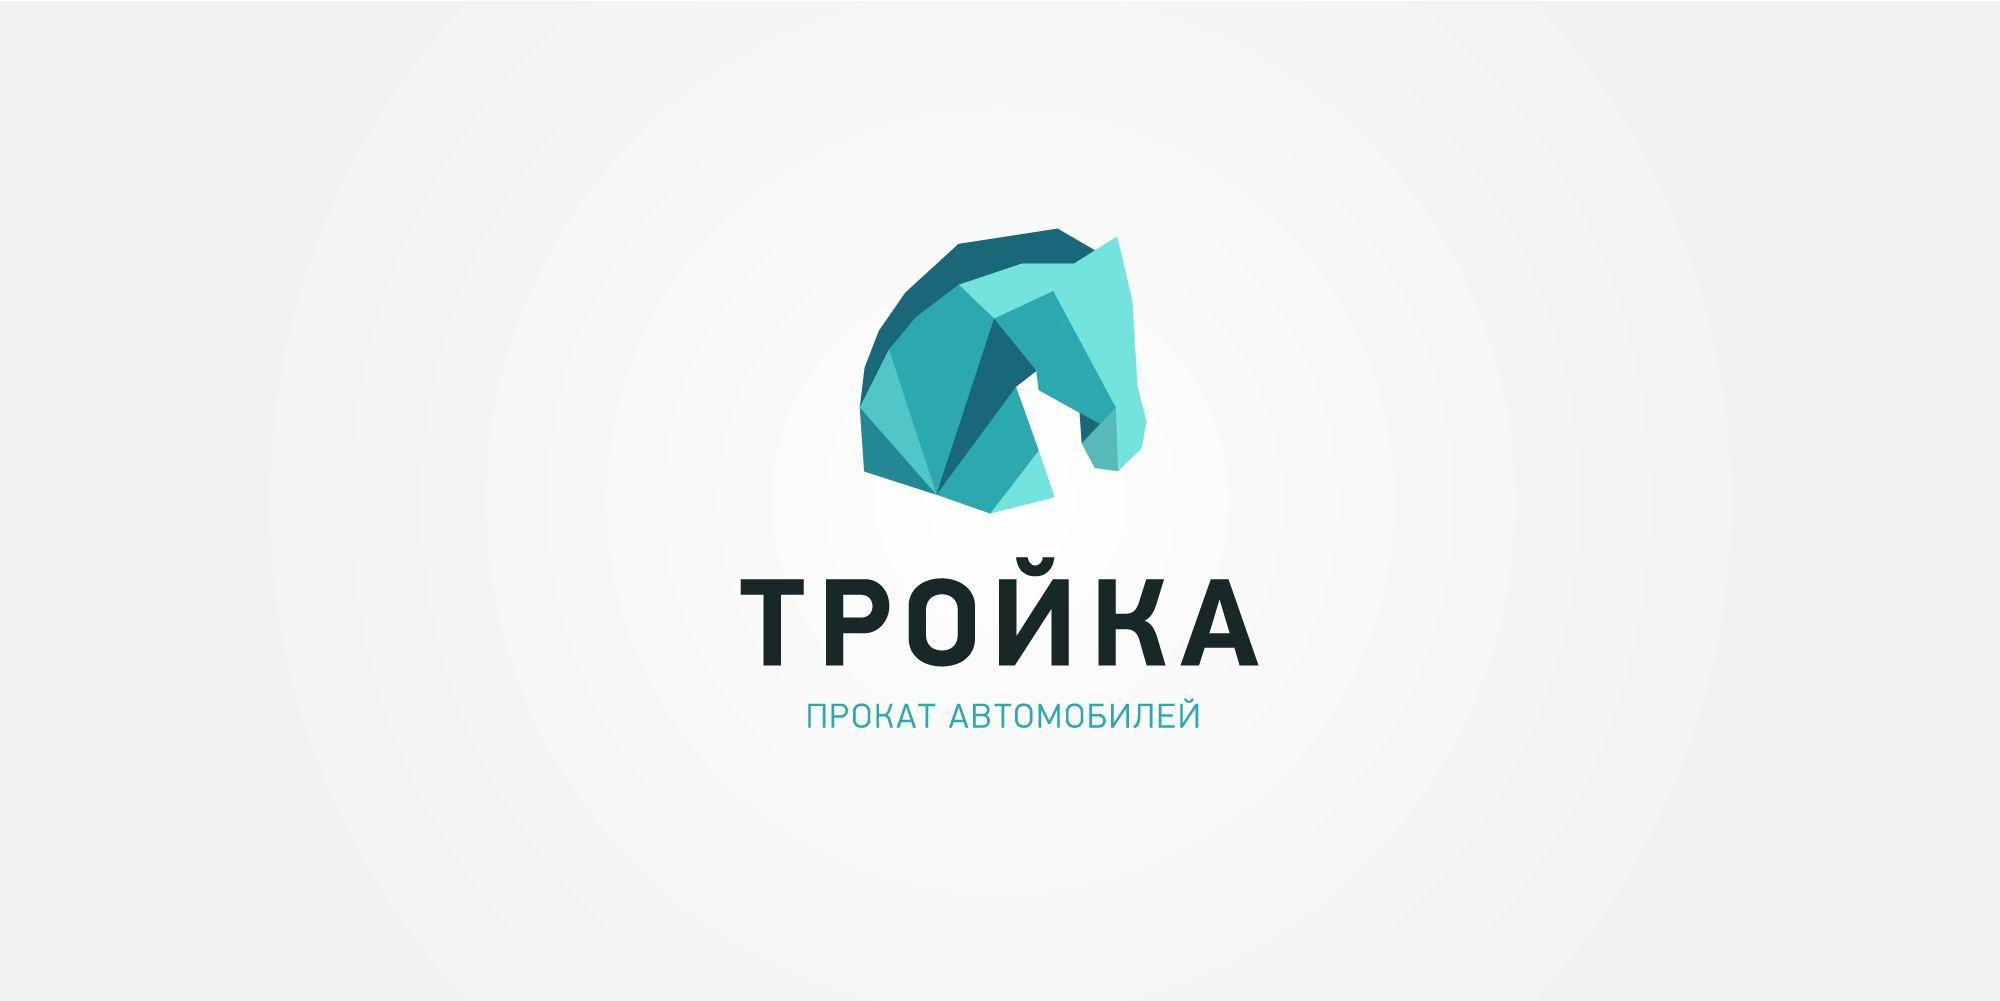 Логотип для компании проката автомобилей - дизайнер e5en